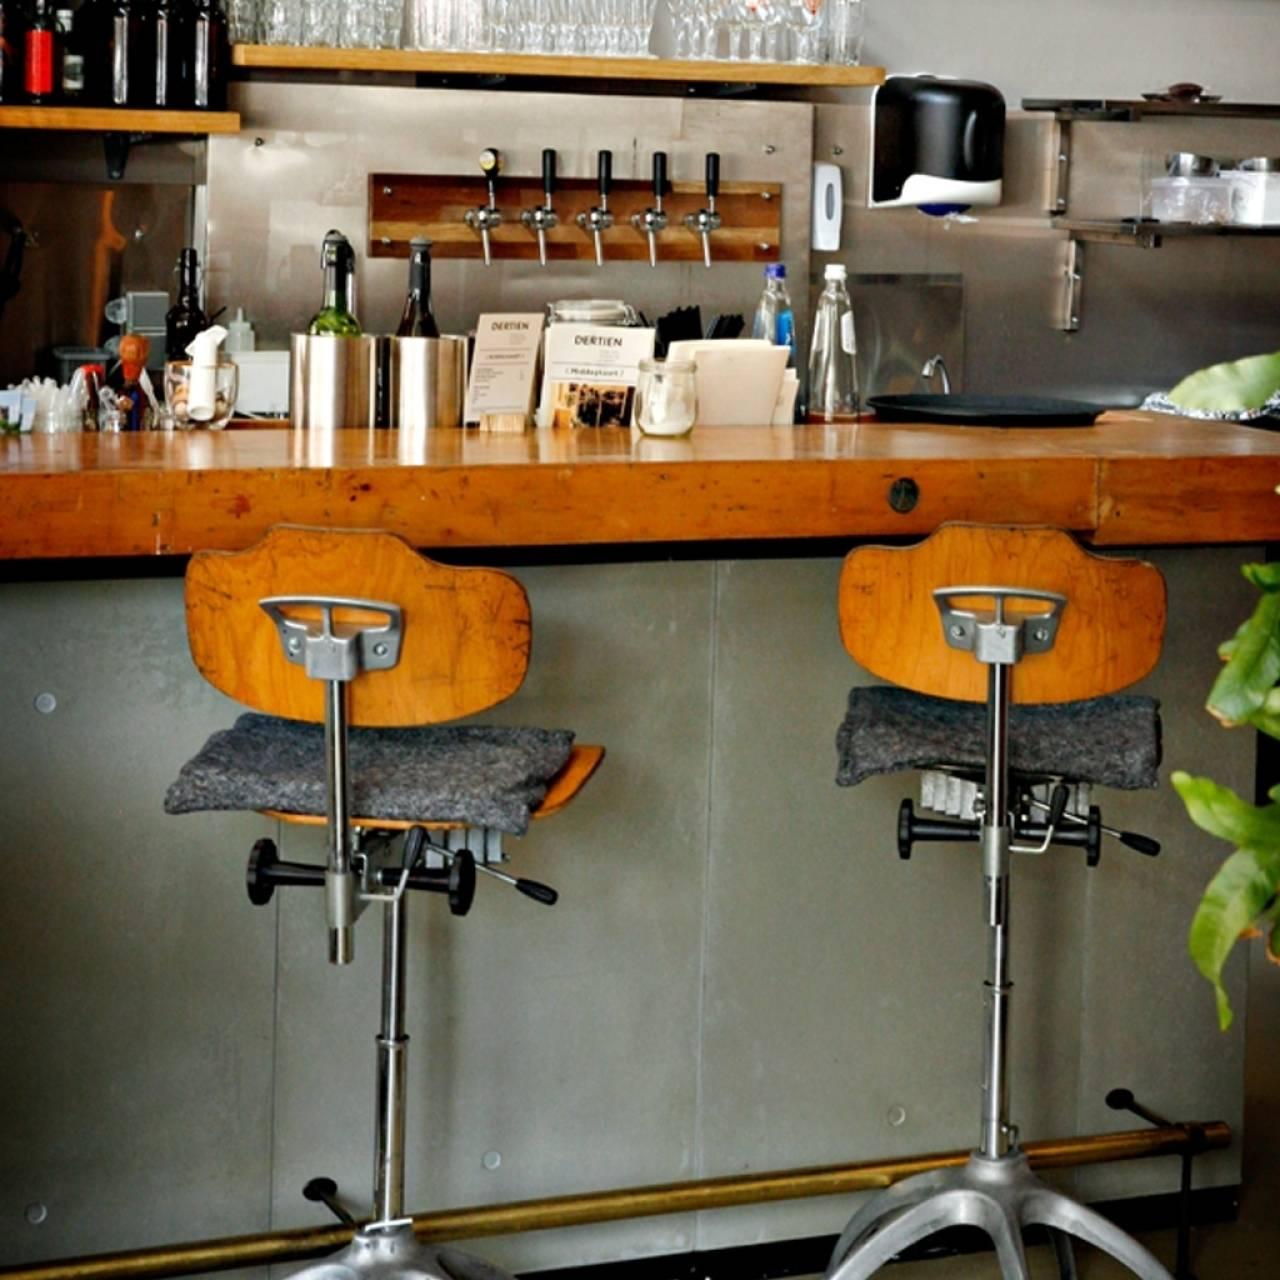 Afbeelding bar restaurant Dertien - QuePasaNL